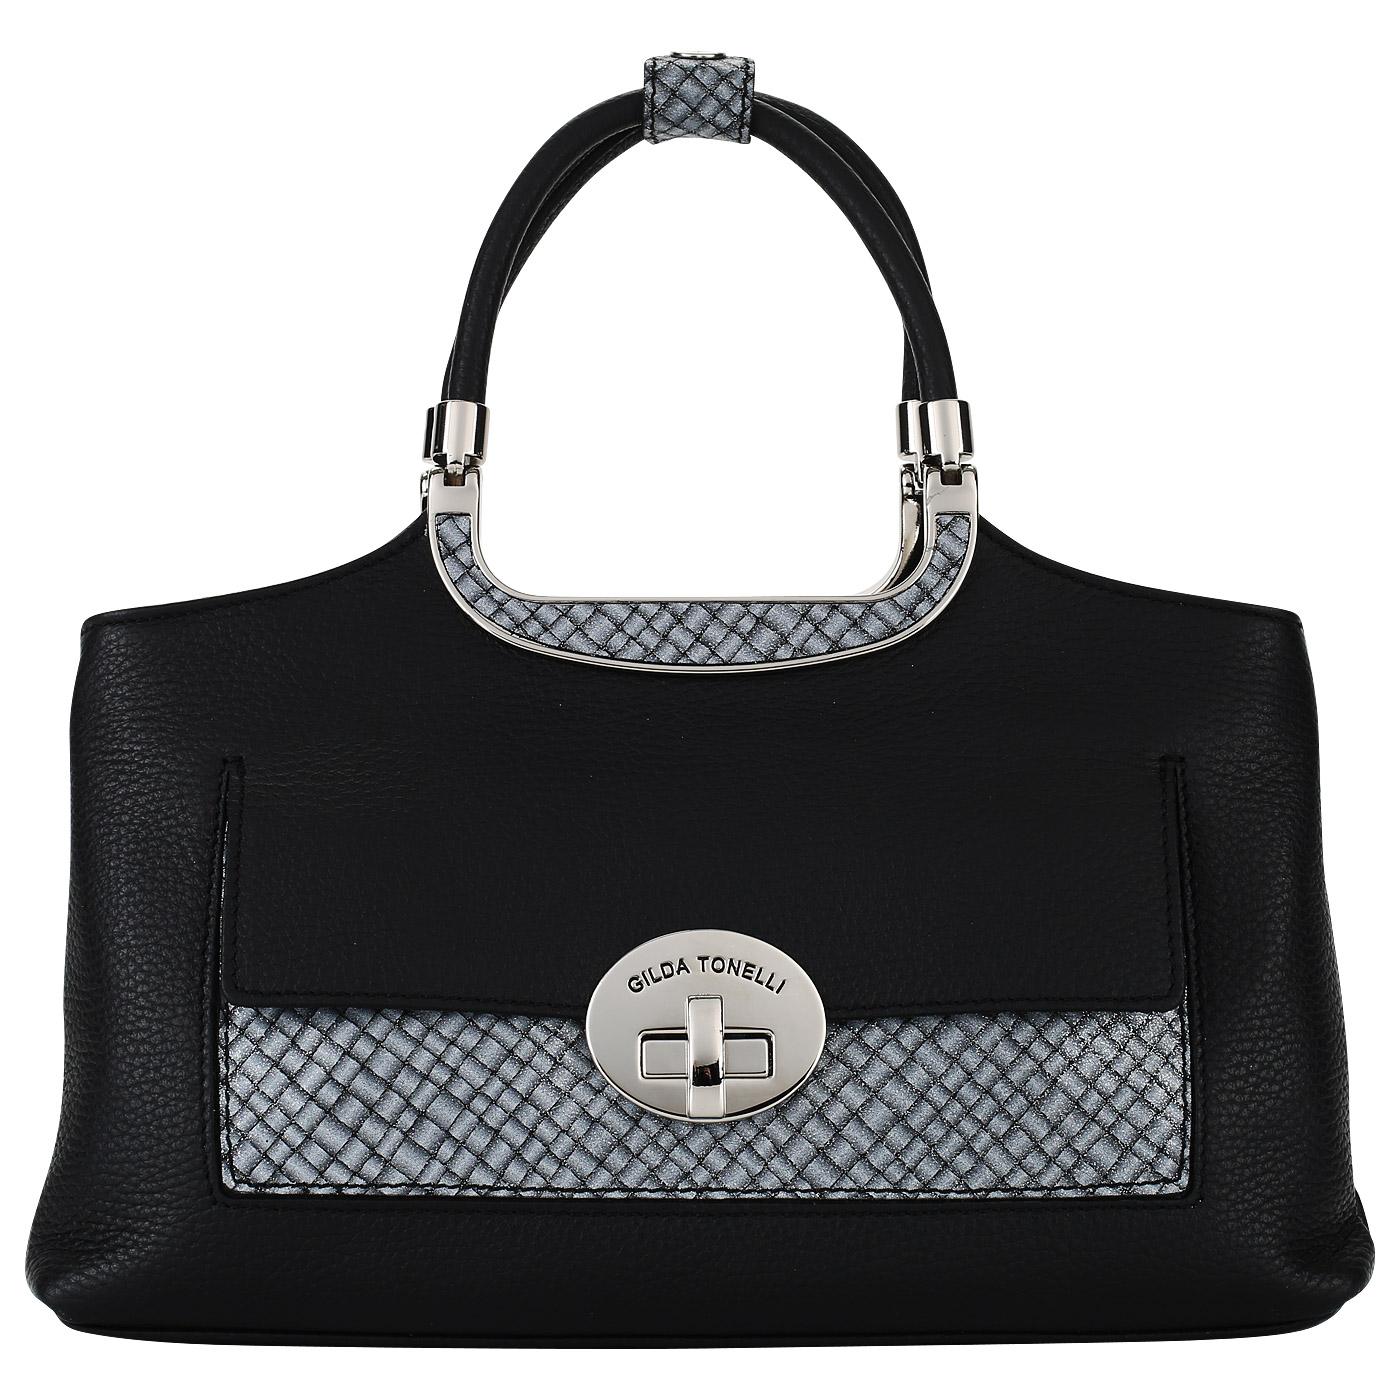 449584c3c819 Женская сумка с двумя отделами Gilda Tonelli Adria 3302 5233_nero ...